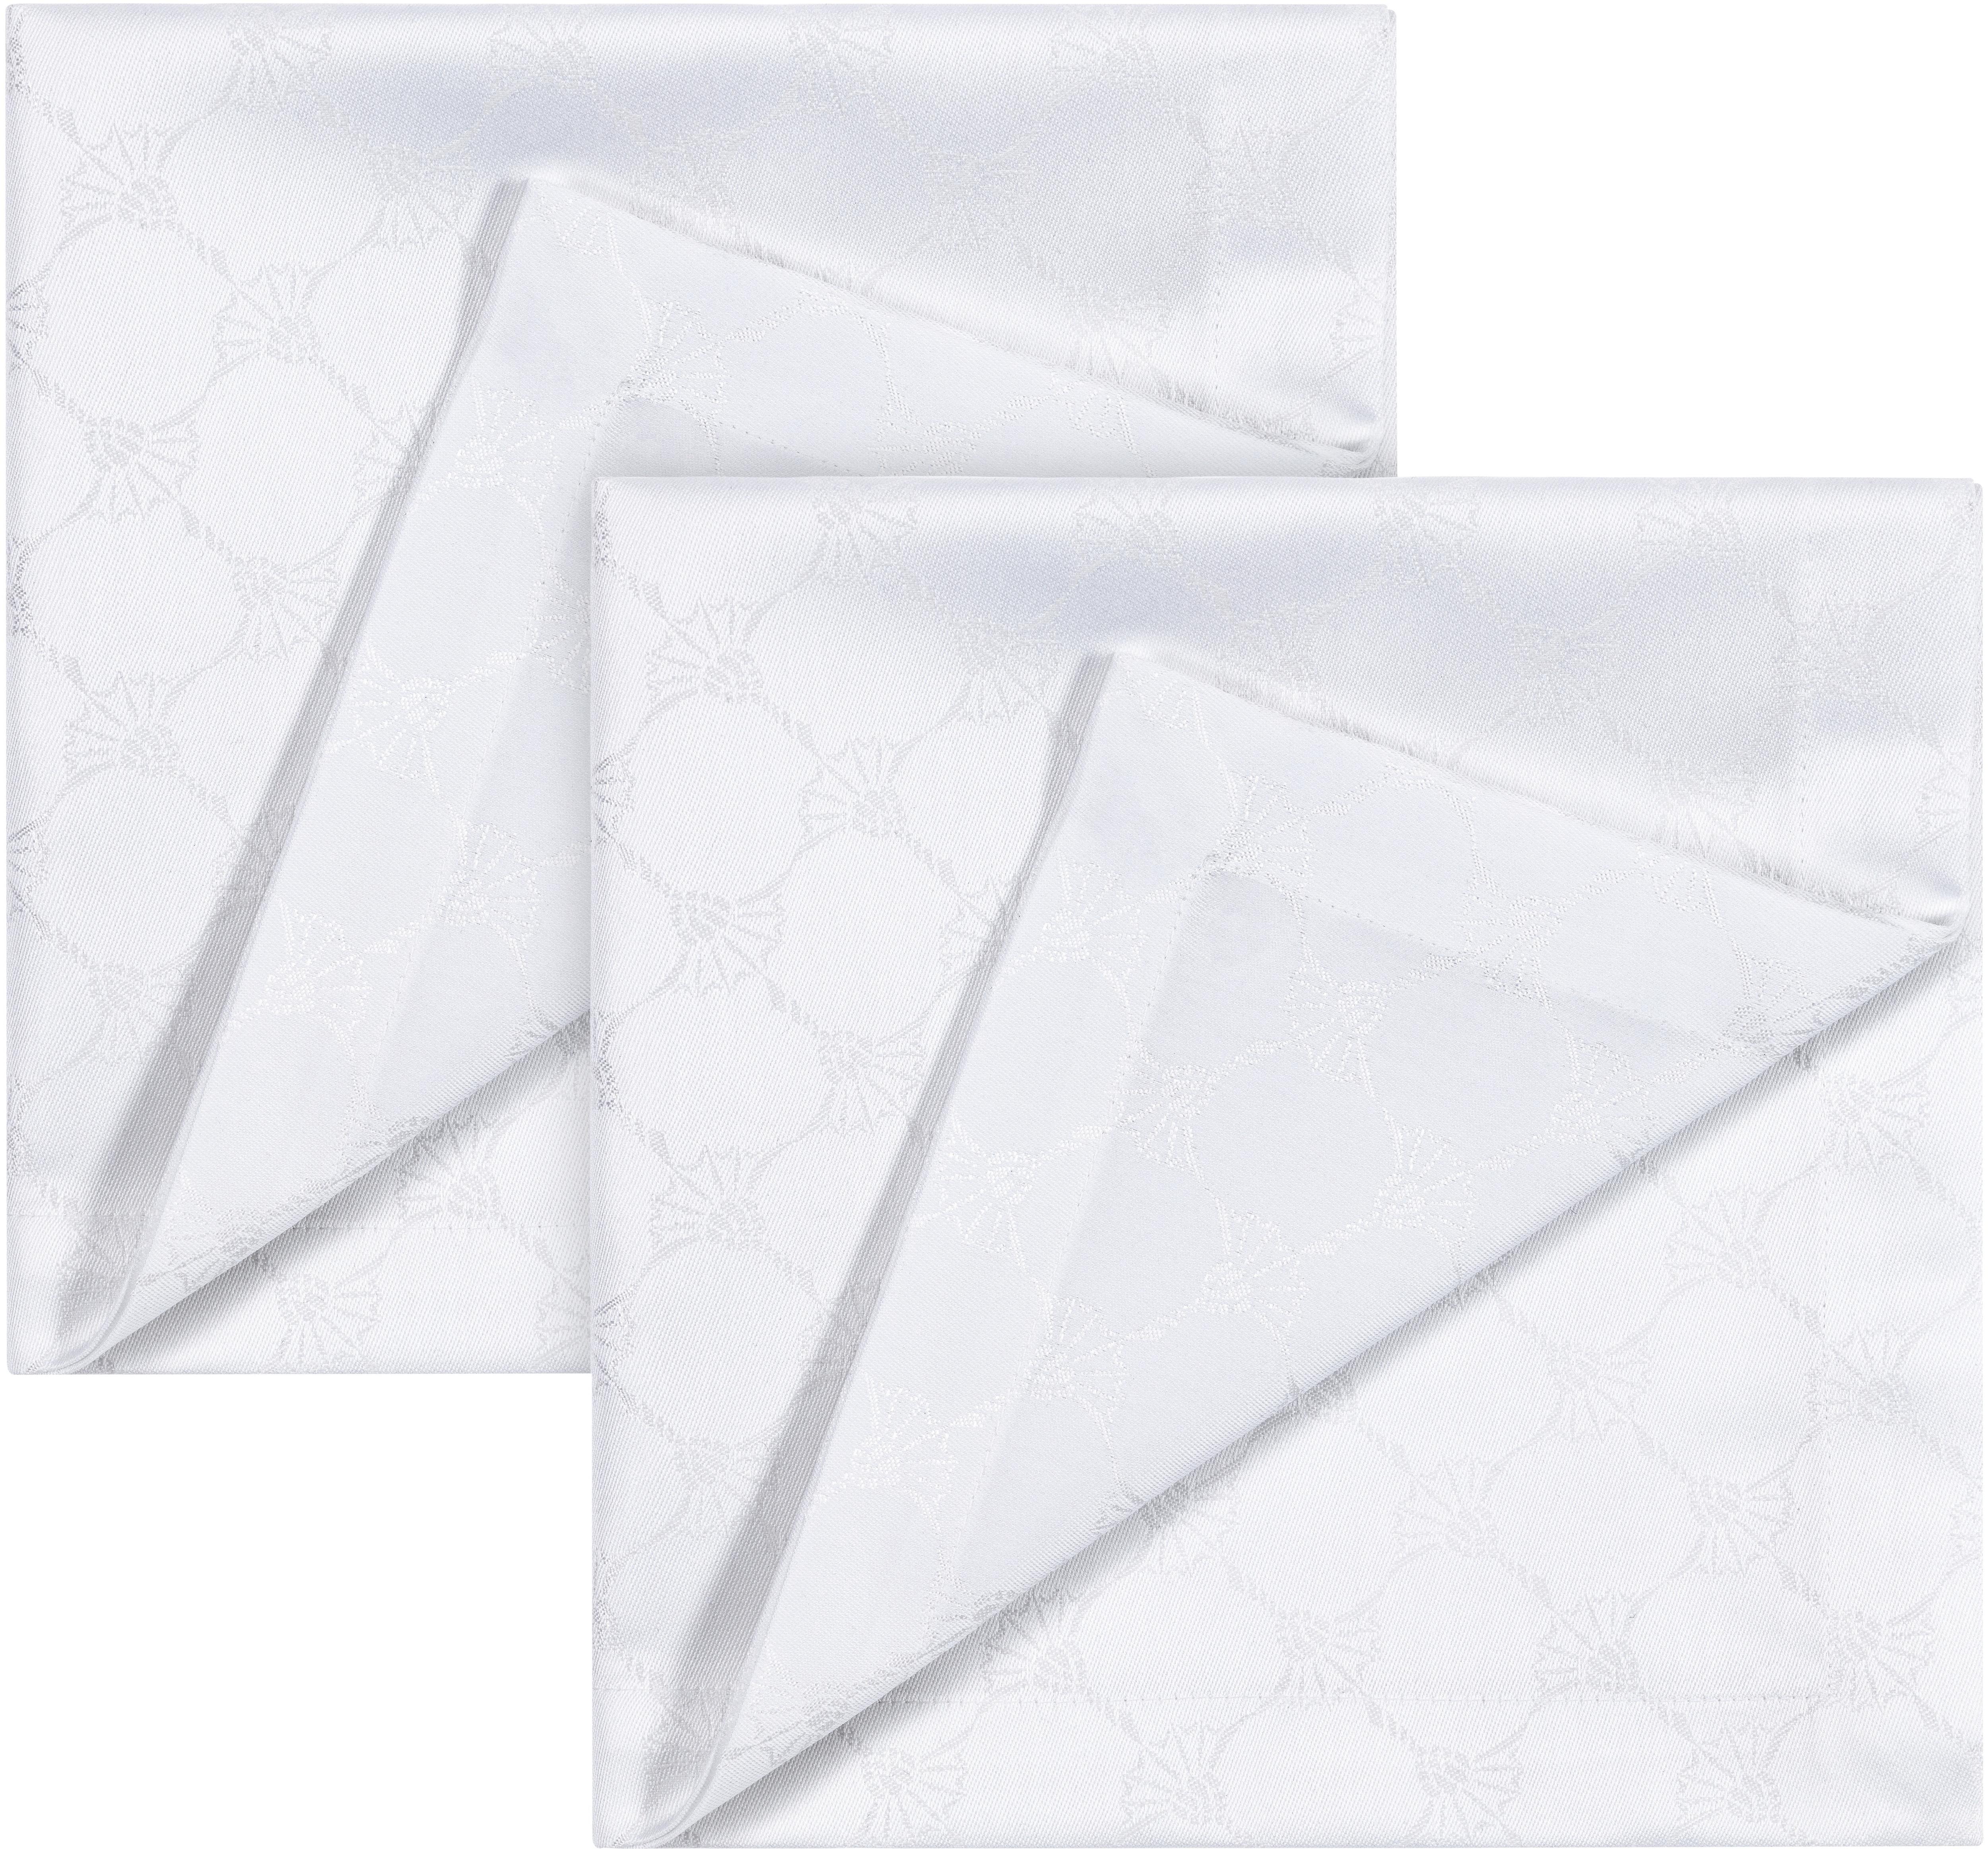 Joop! Joop Stoffserviette CORNFLOWER ALLOVER, (Set, 2 St.), Aus Jacquard-Gewebe gerfertigt mit Kornblumen-Allover-Muster weiß Stoffservietten Tischwäsche